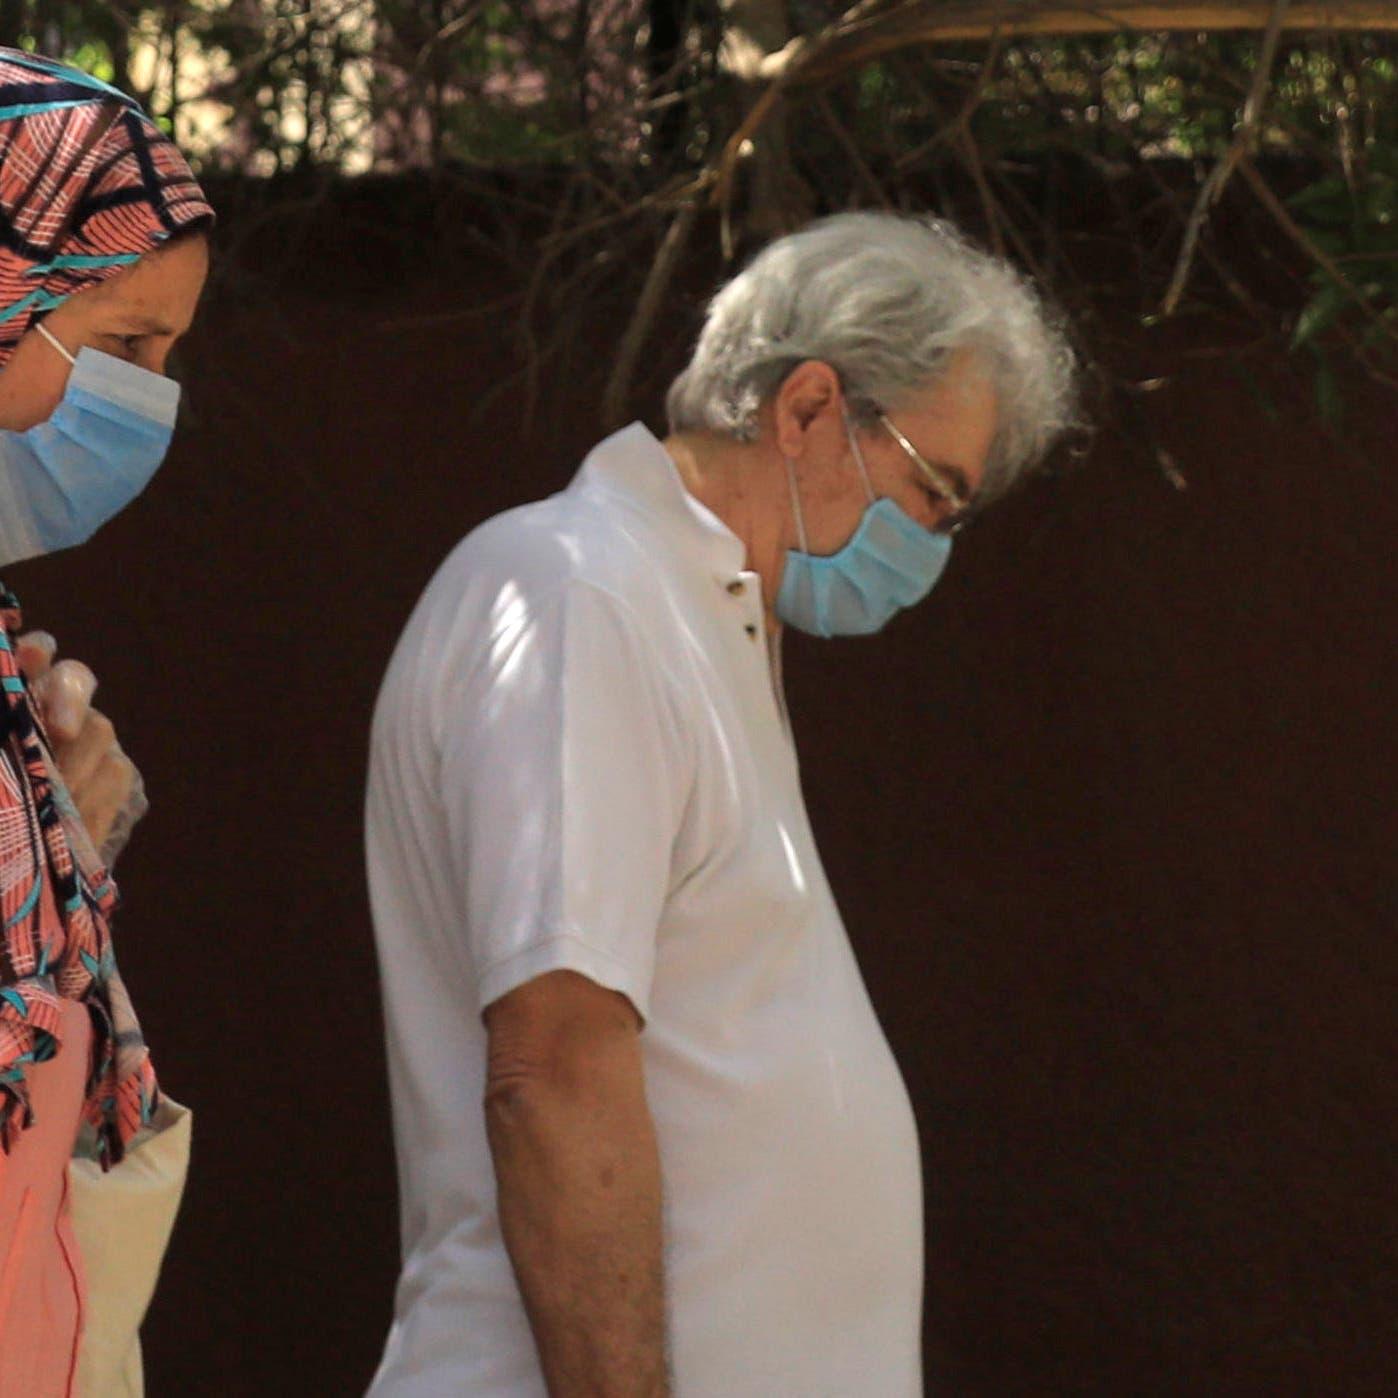 التعايش مع الوباء.. مسؤول مصري يوضح: هكذا نحمي أنفسنا